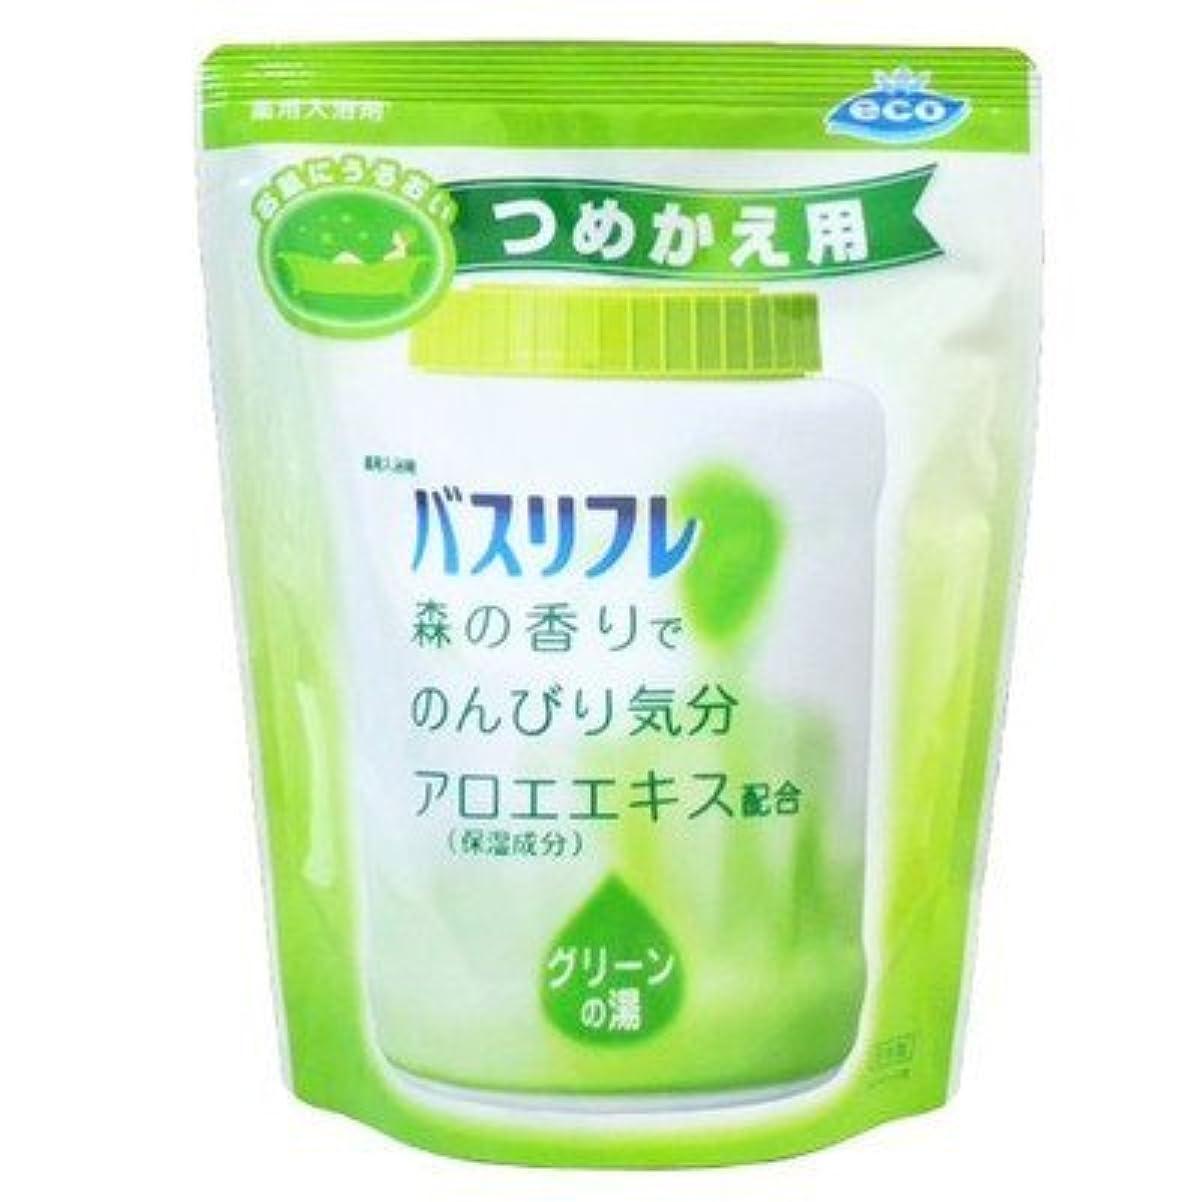 静脈戦争エレメンタル薬用入浴剤 バスリフレ グリーンの湯 つめかえ用 540g 森の香り (ライオンケミカル) Japan